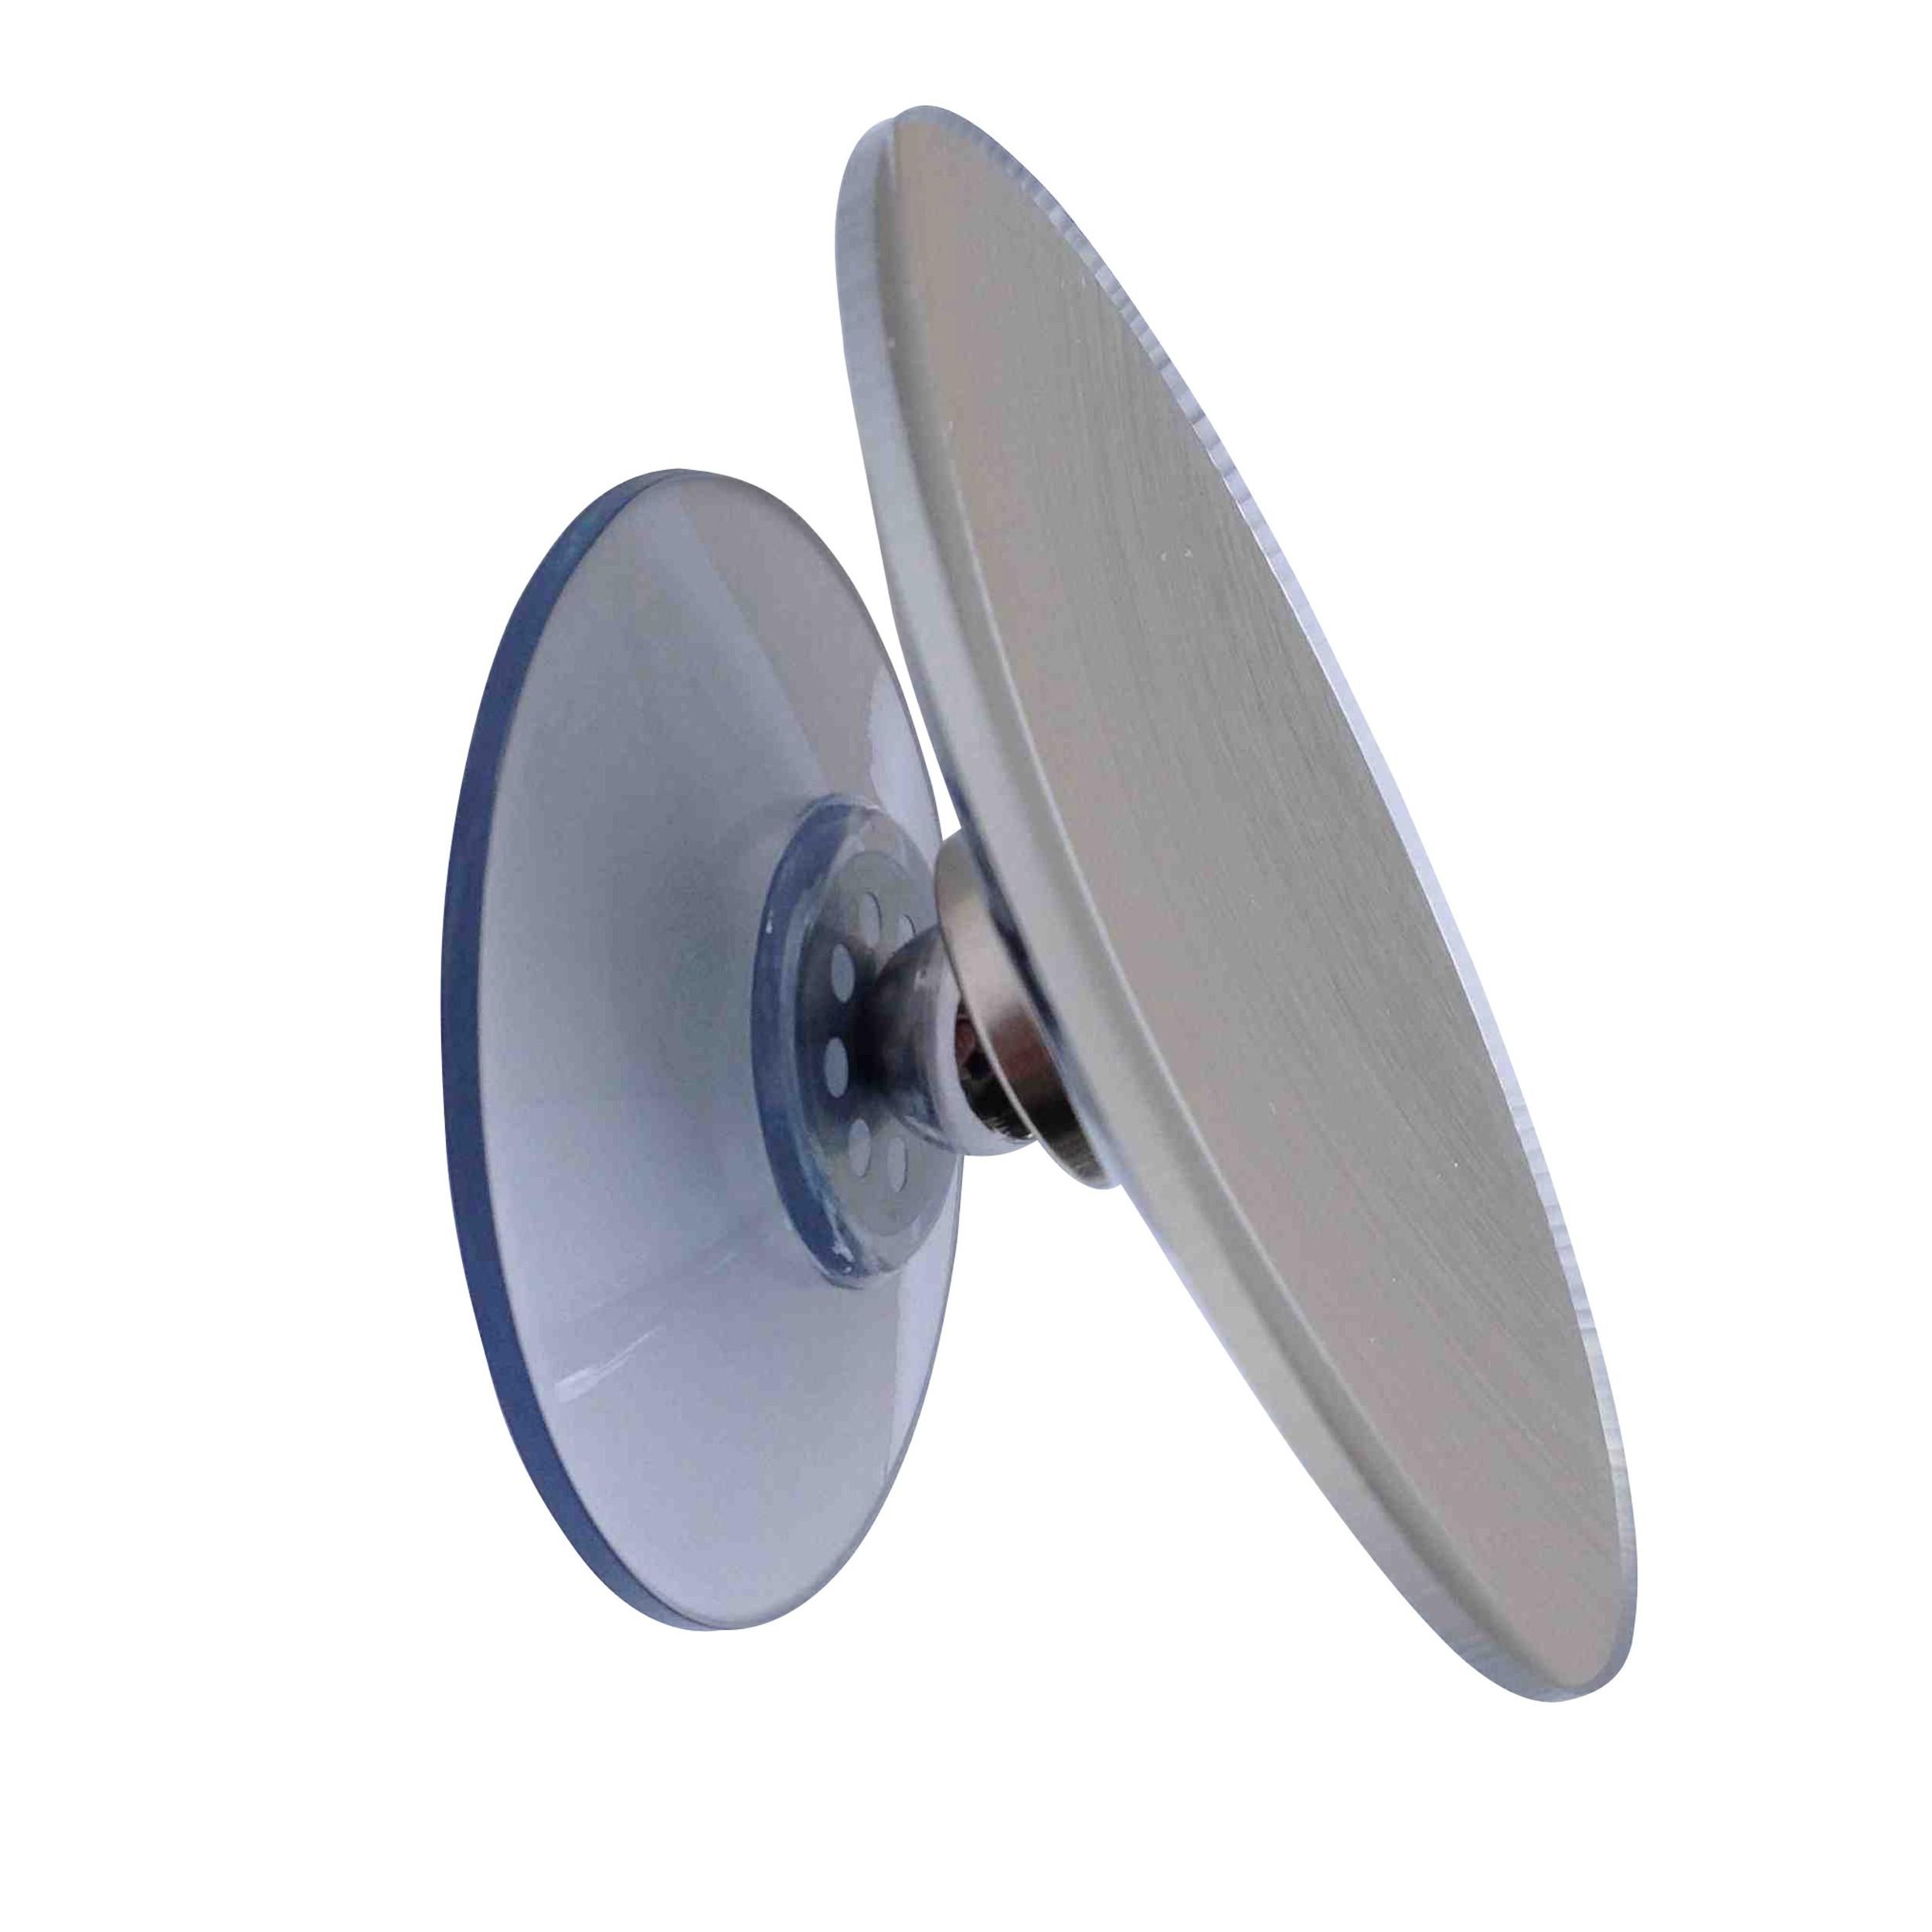 Miroir Grossissant 10x Diamètre 11cm Avec Ventouse Magnétique